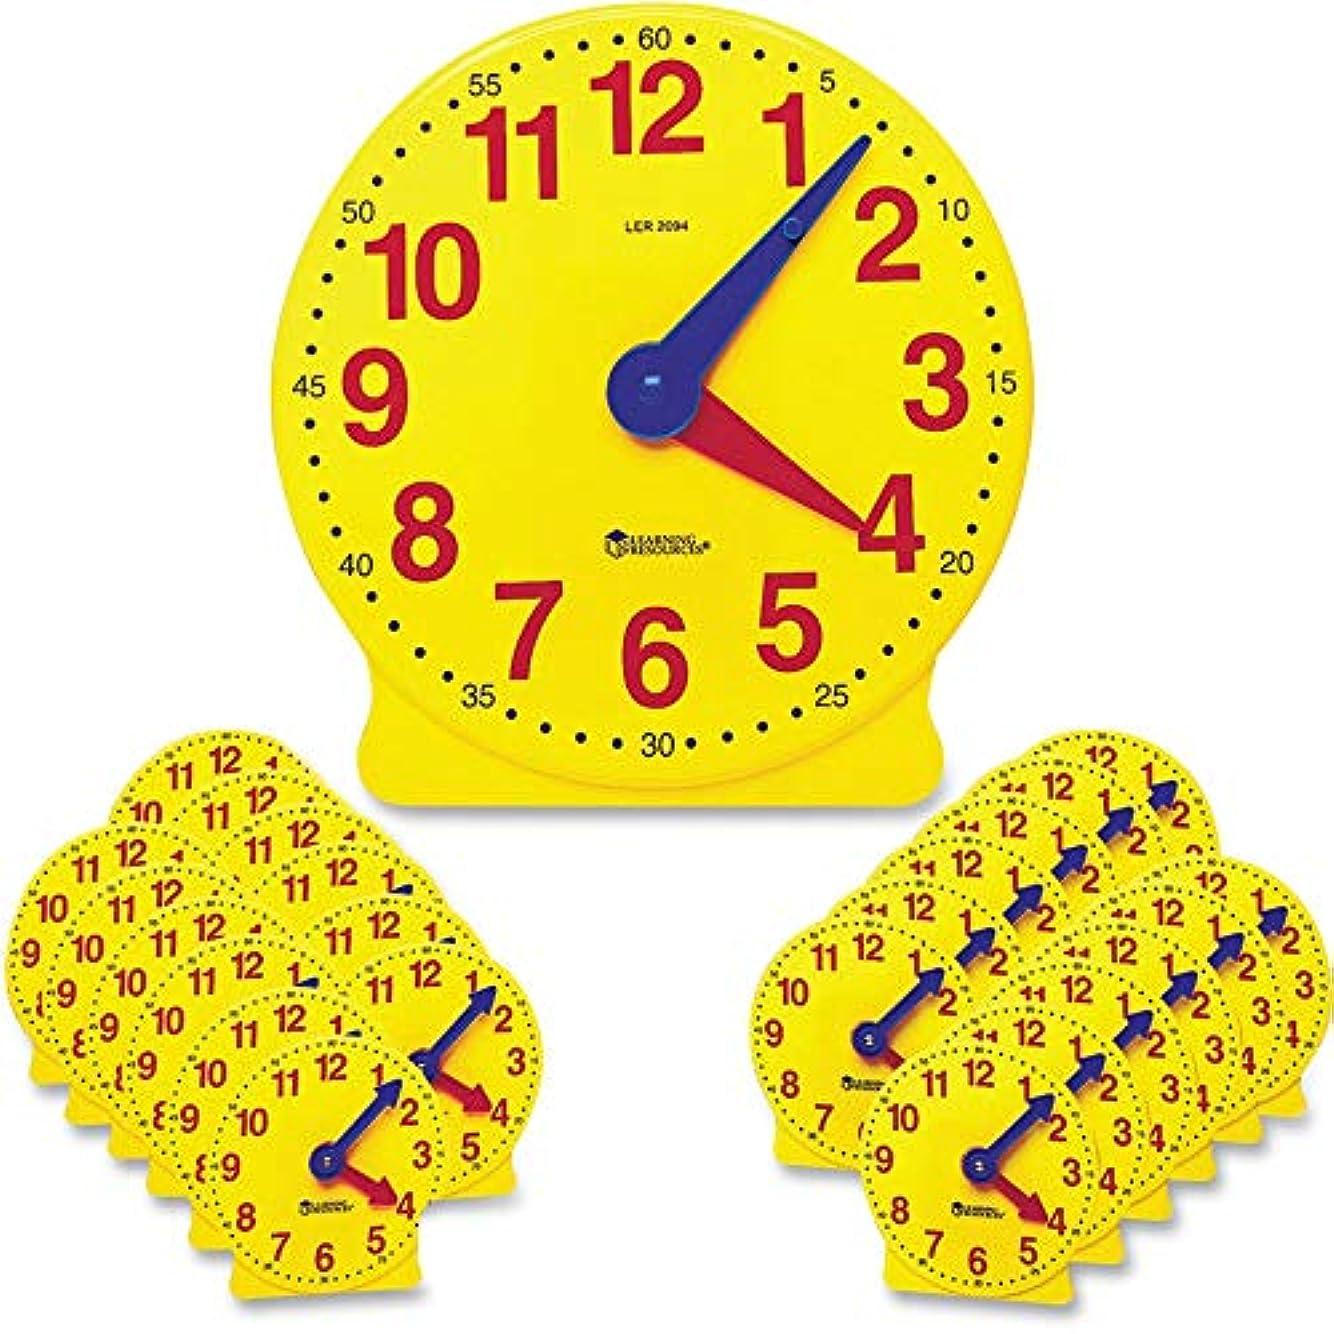 薬スタジオ死すべきLearning Resources - Classroom Clock Kit, Learning Clock, for Grades Pre-K-4 - Sold As 1 Set - Demonstrate time-telling concepts while students follow along.